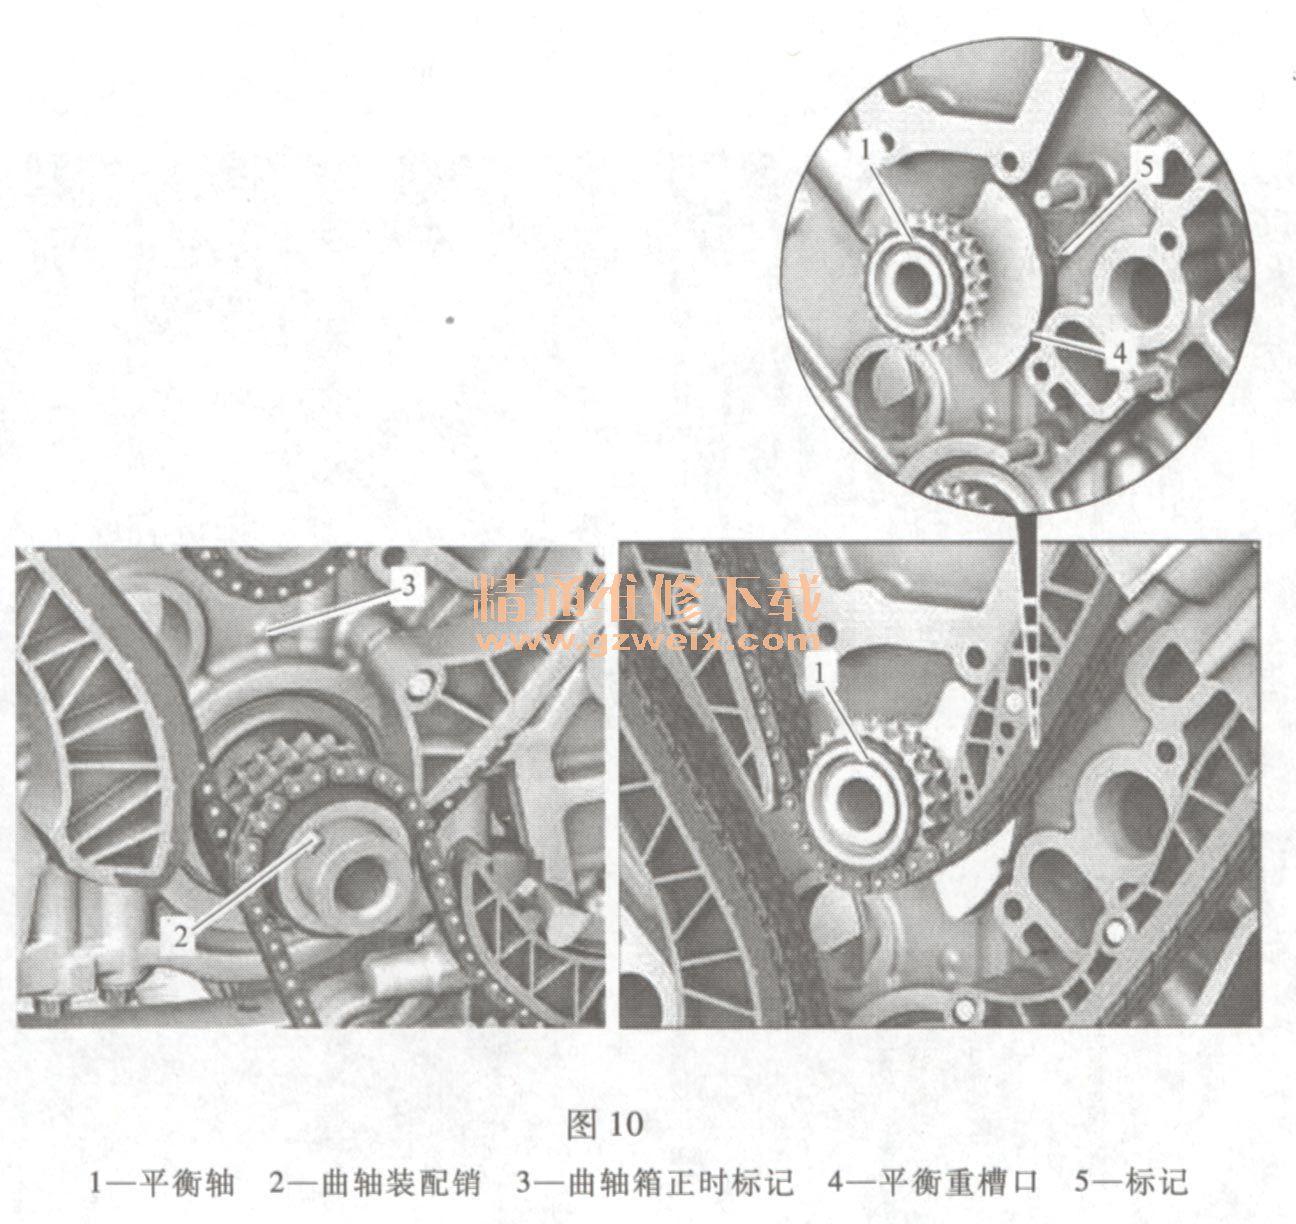 奔驰ml350(3. 5 l 272)发动机正时校对方法